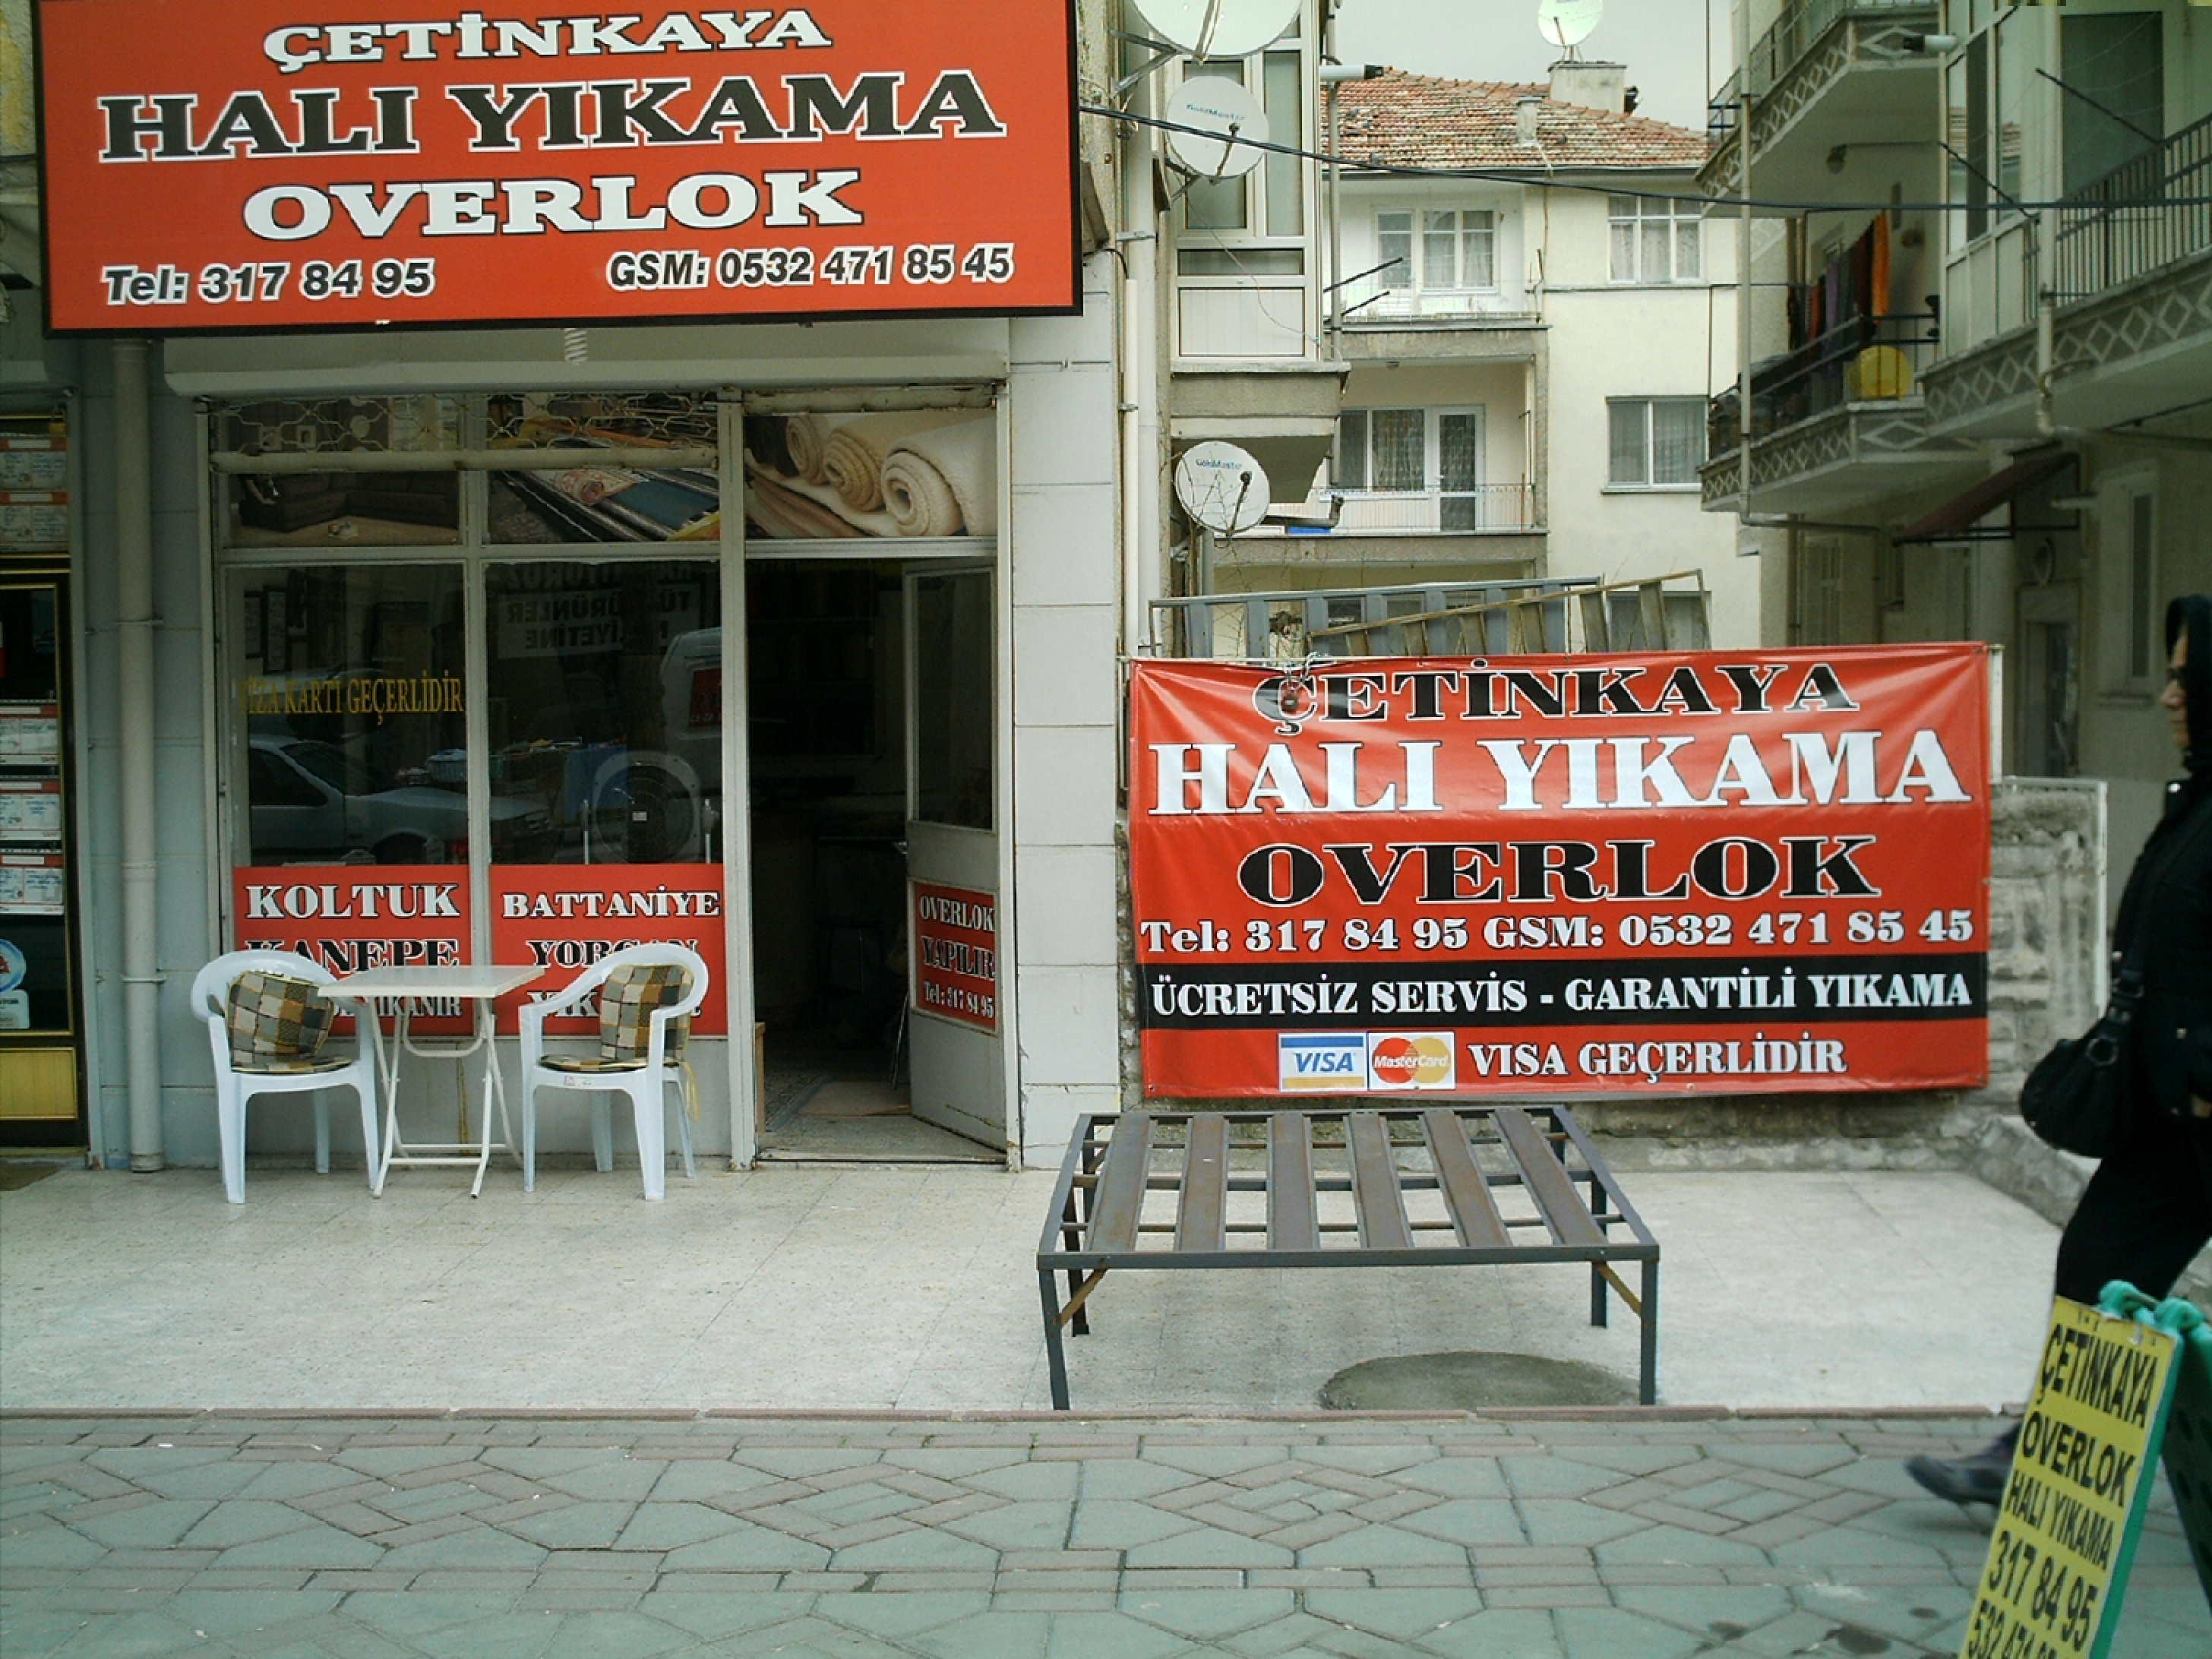 özevler_hali_yikama_servis-1 (2)